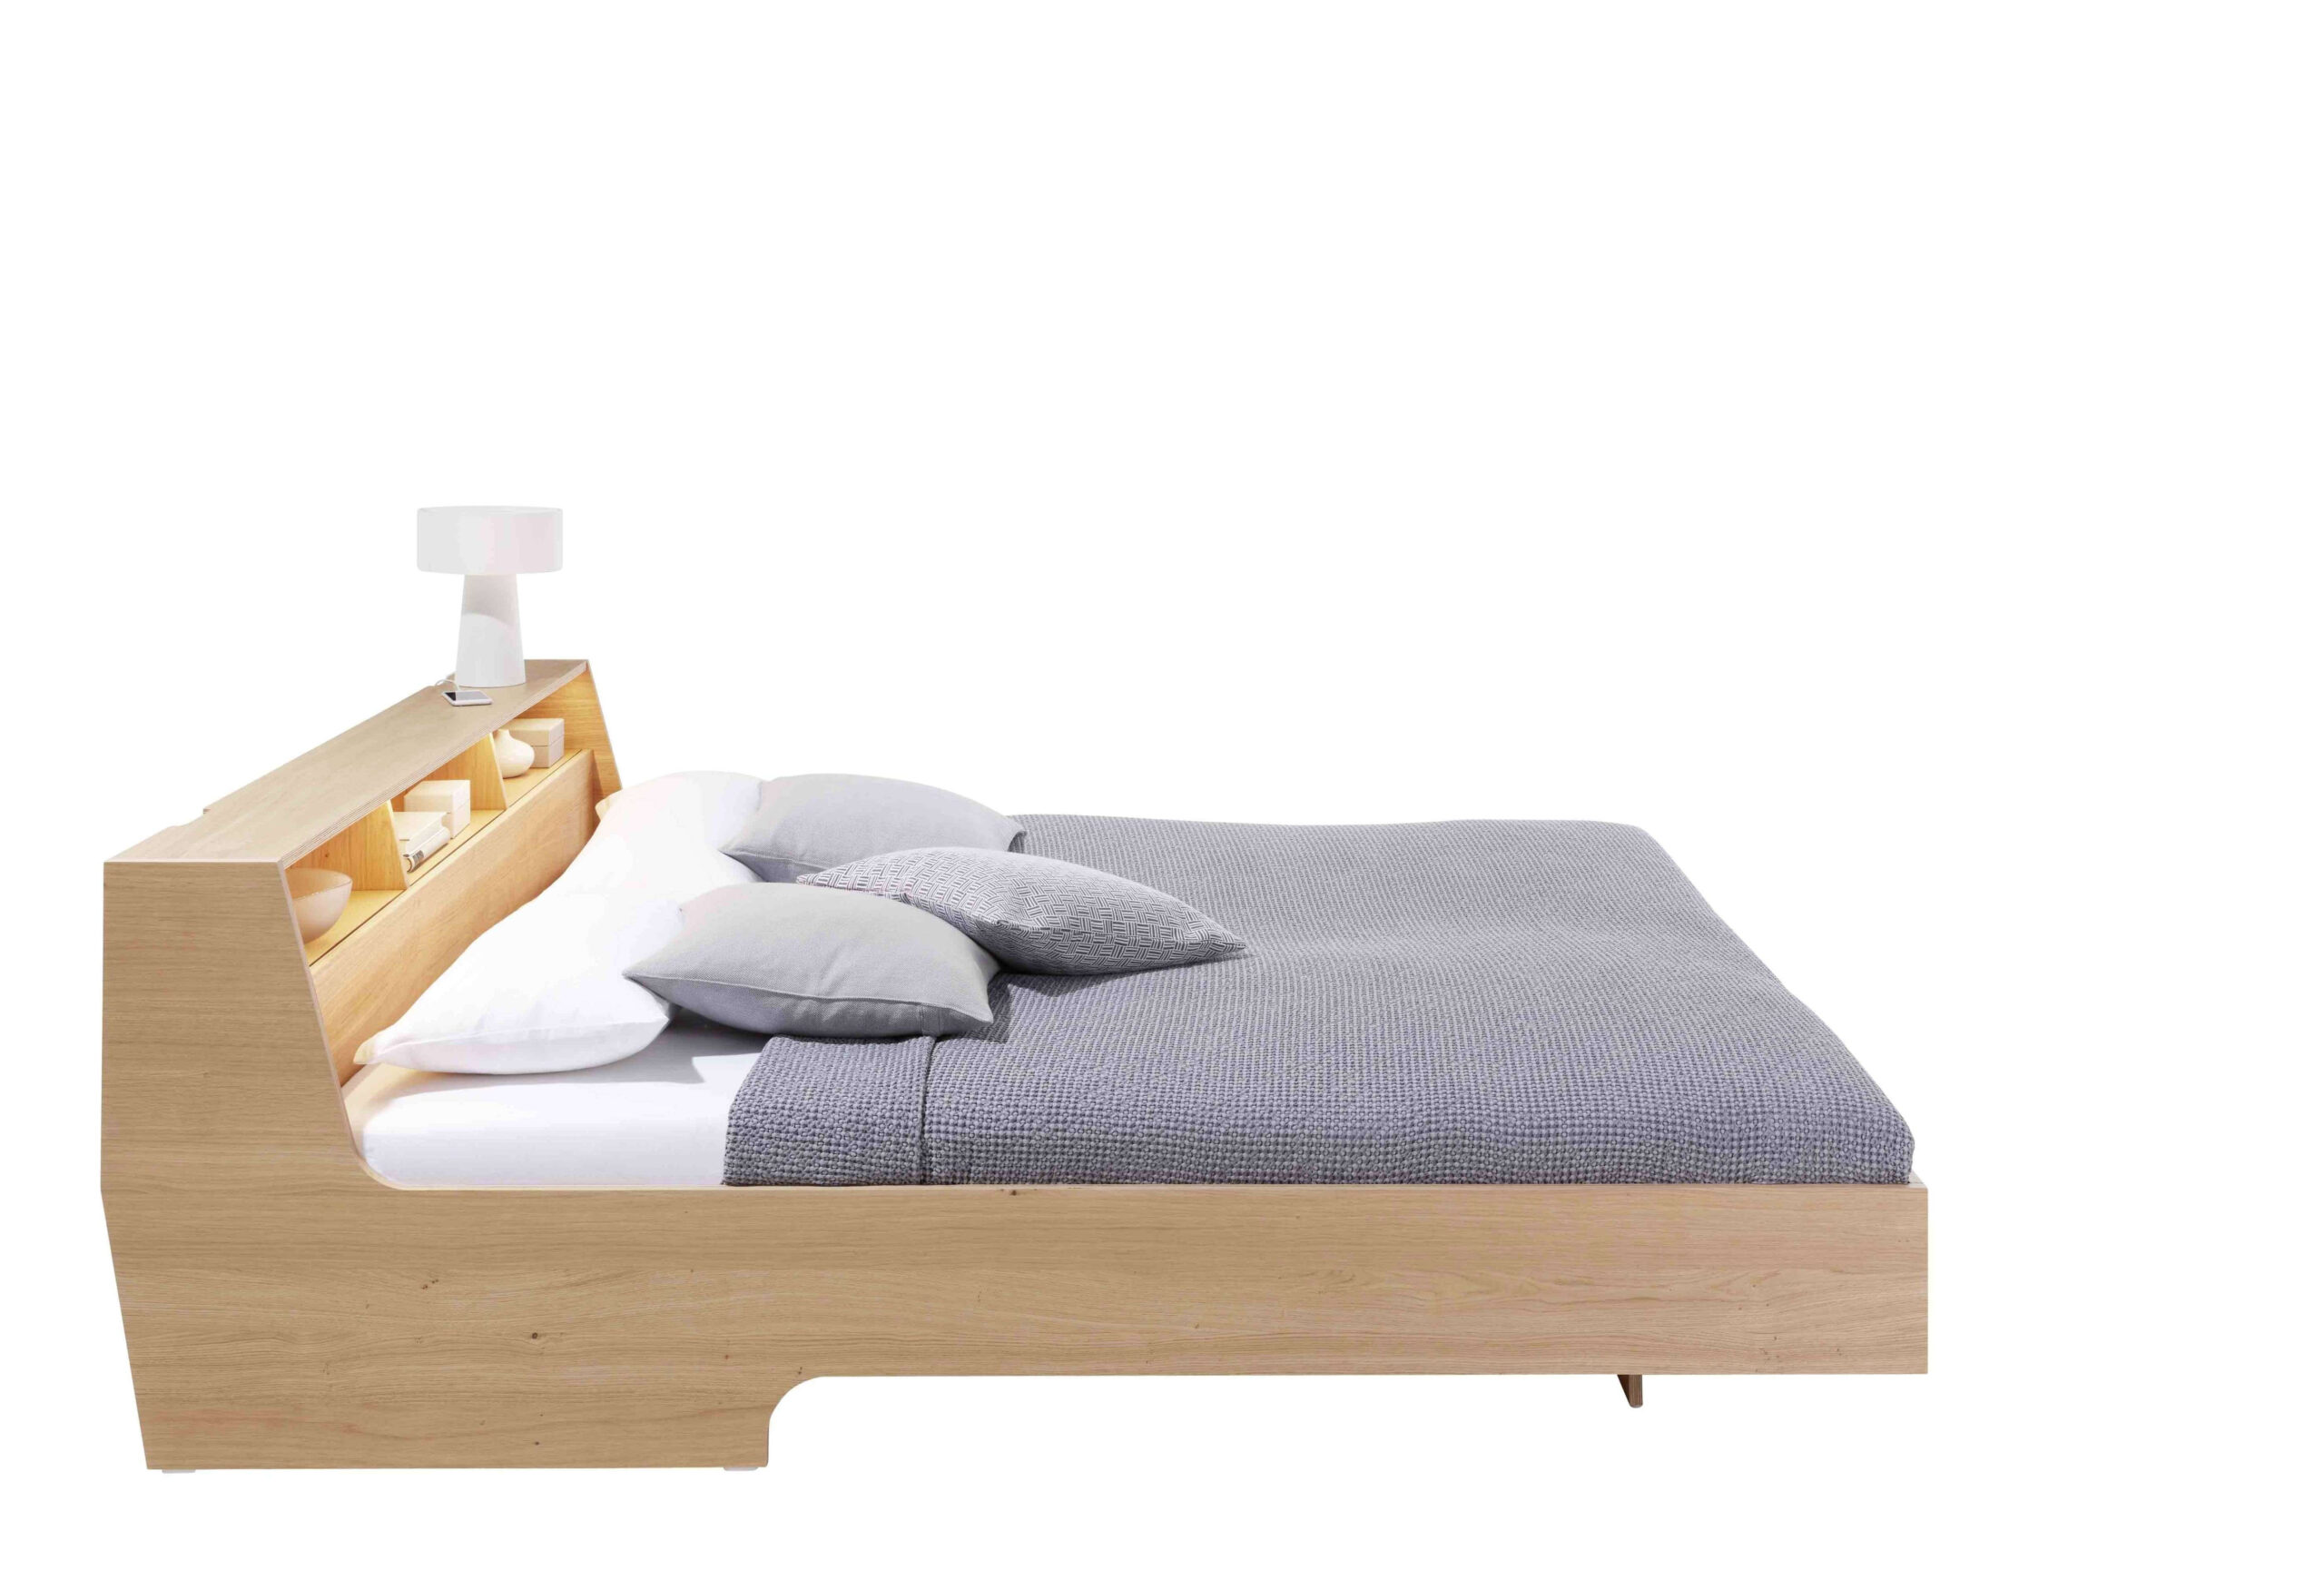 Full Size of Lattenrost Klappbar Ikea 40 R1 Bett Mit Matratze Fhrung Betten Und 140x200 Schlafzimmer Set 160x200 Ausklappbar Komplett Miniküche 120x200 Ausklappbares Wohnzimmer Lattenrost Klappbar Ikea